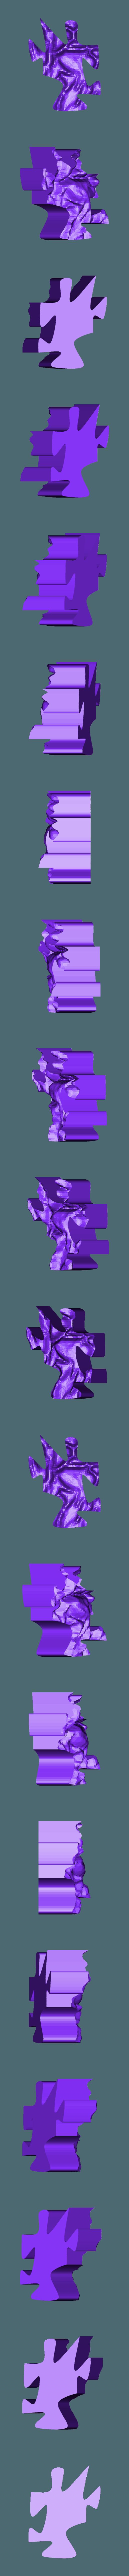 29.stl Télécharger fichier STL gratuit Echelle épique - Terrain - Zion NP • Objet à imprimer en 3D, TCP491016